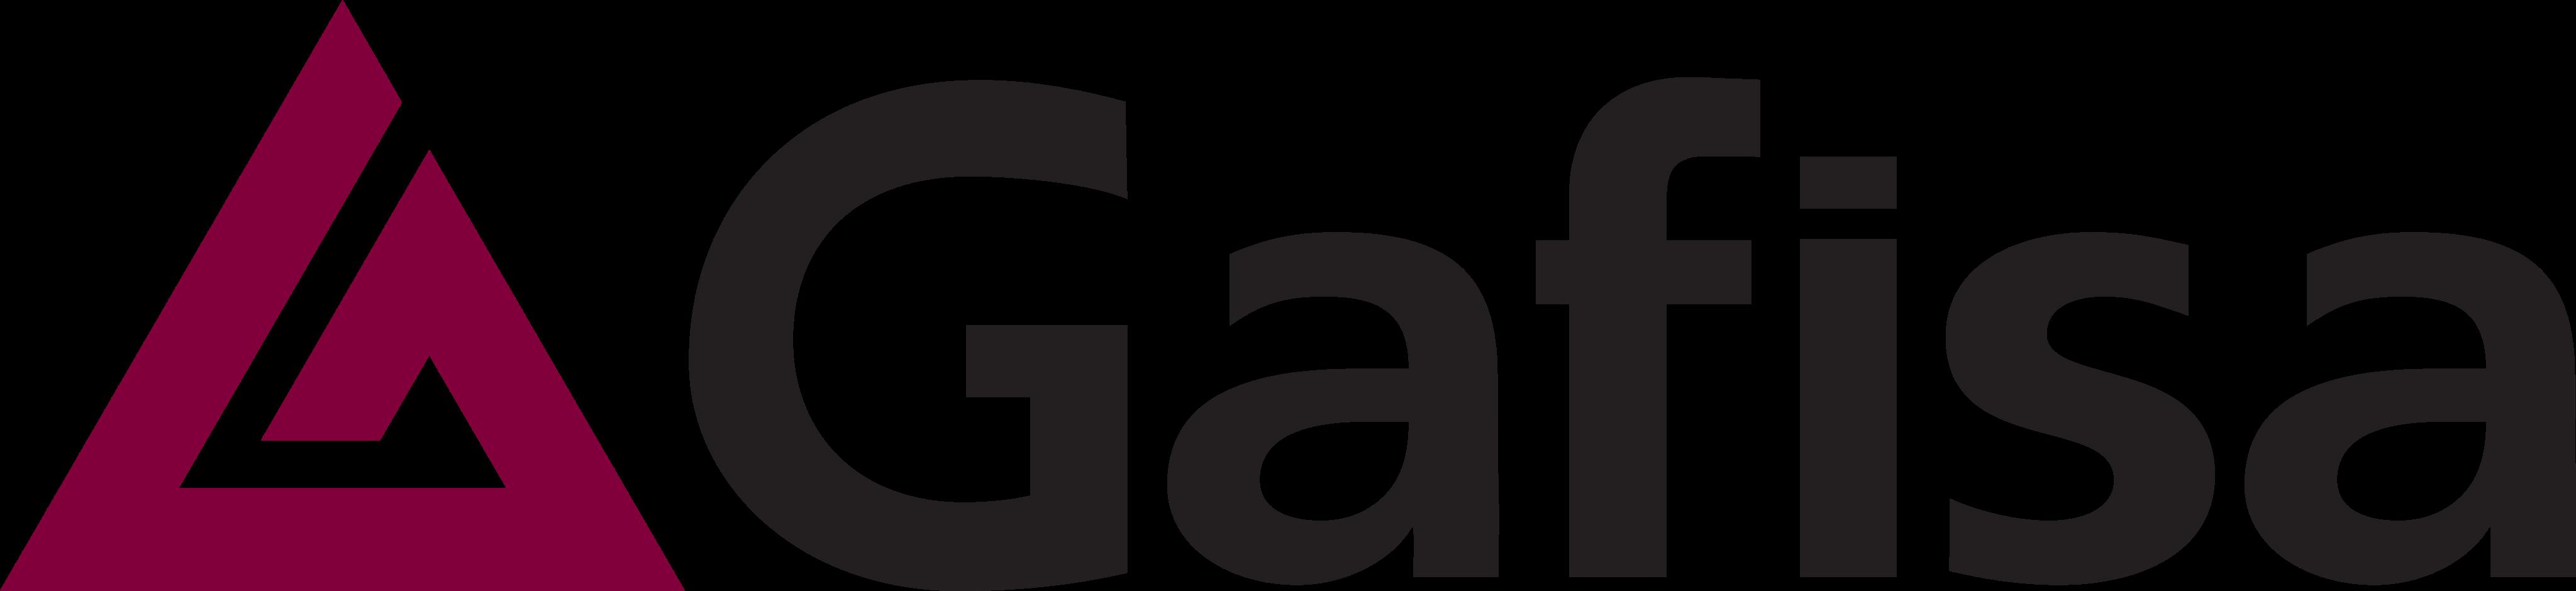 gafisa logo 5 - Gafisa Logo